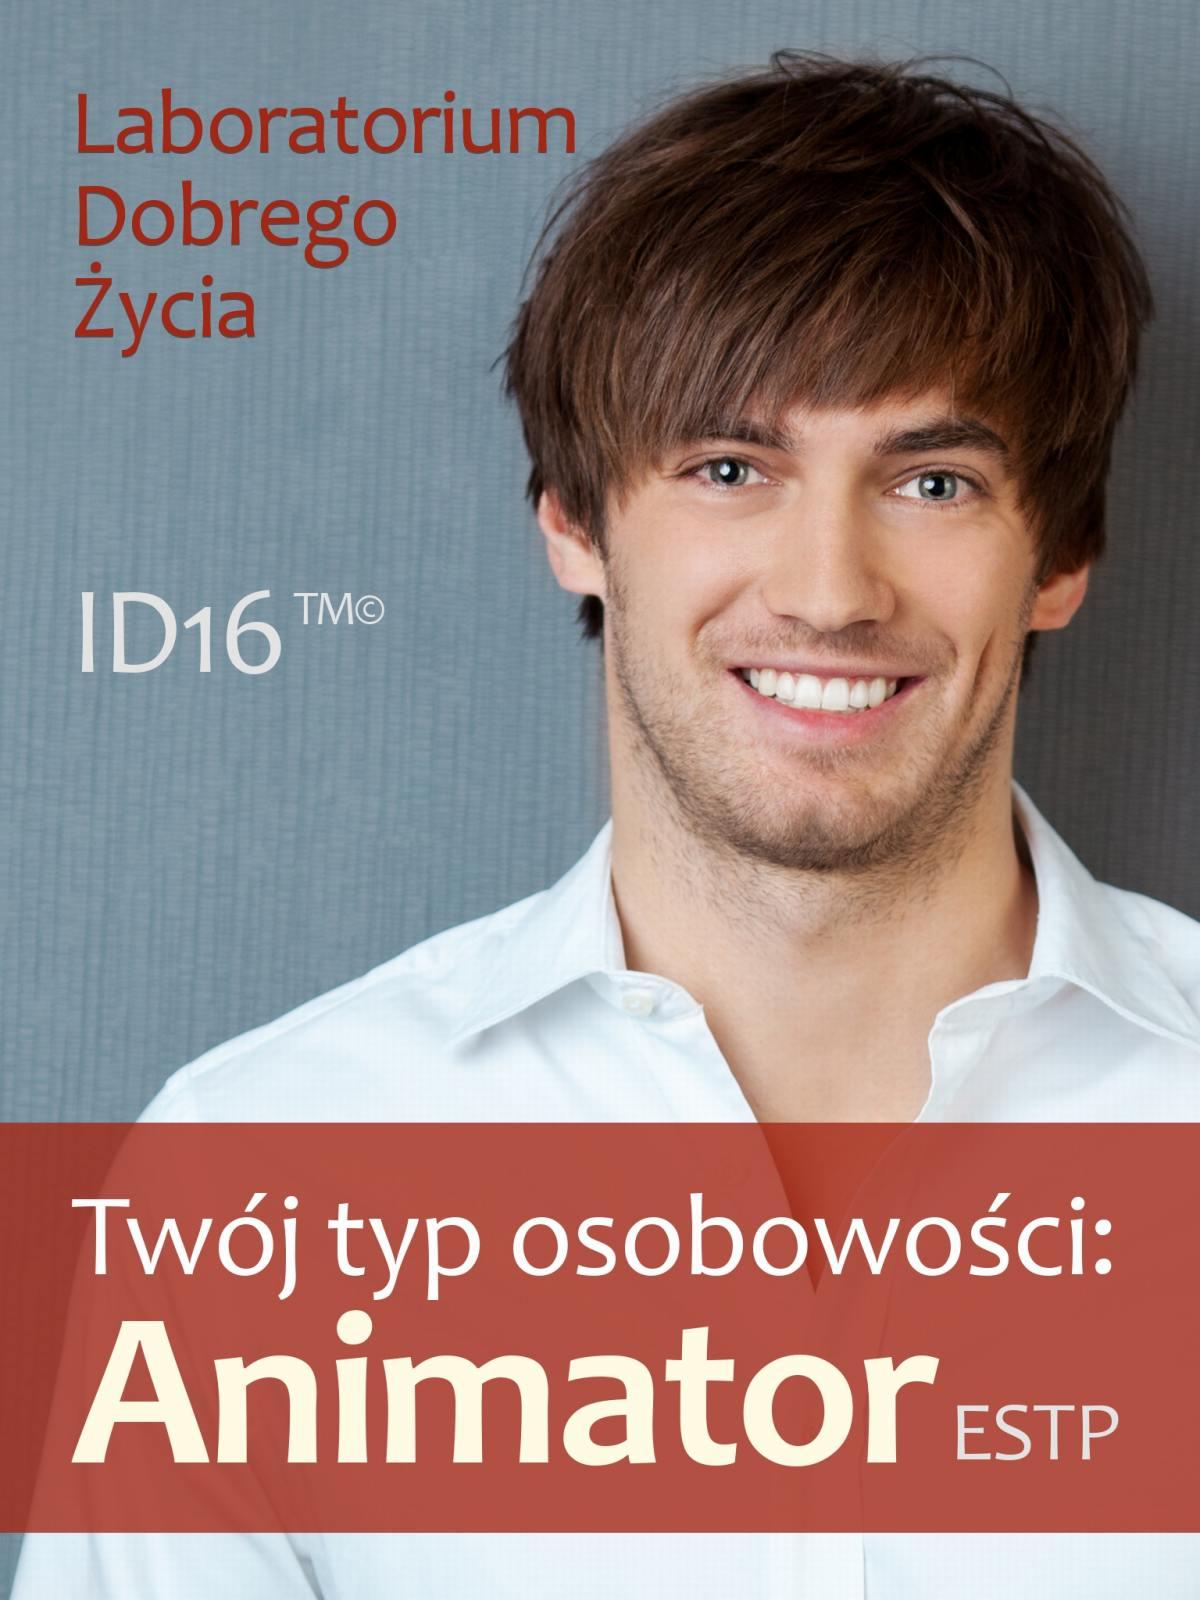 Twój typ osobowości: Animator (ESTP) - Ebook (Książka PDF) do pobrania w formacie PDF